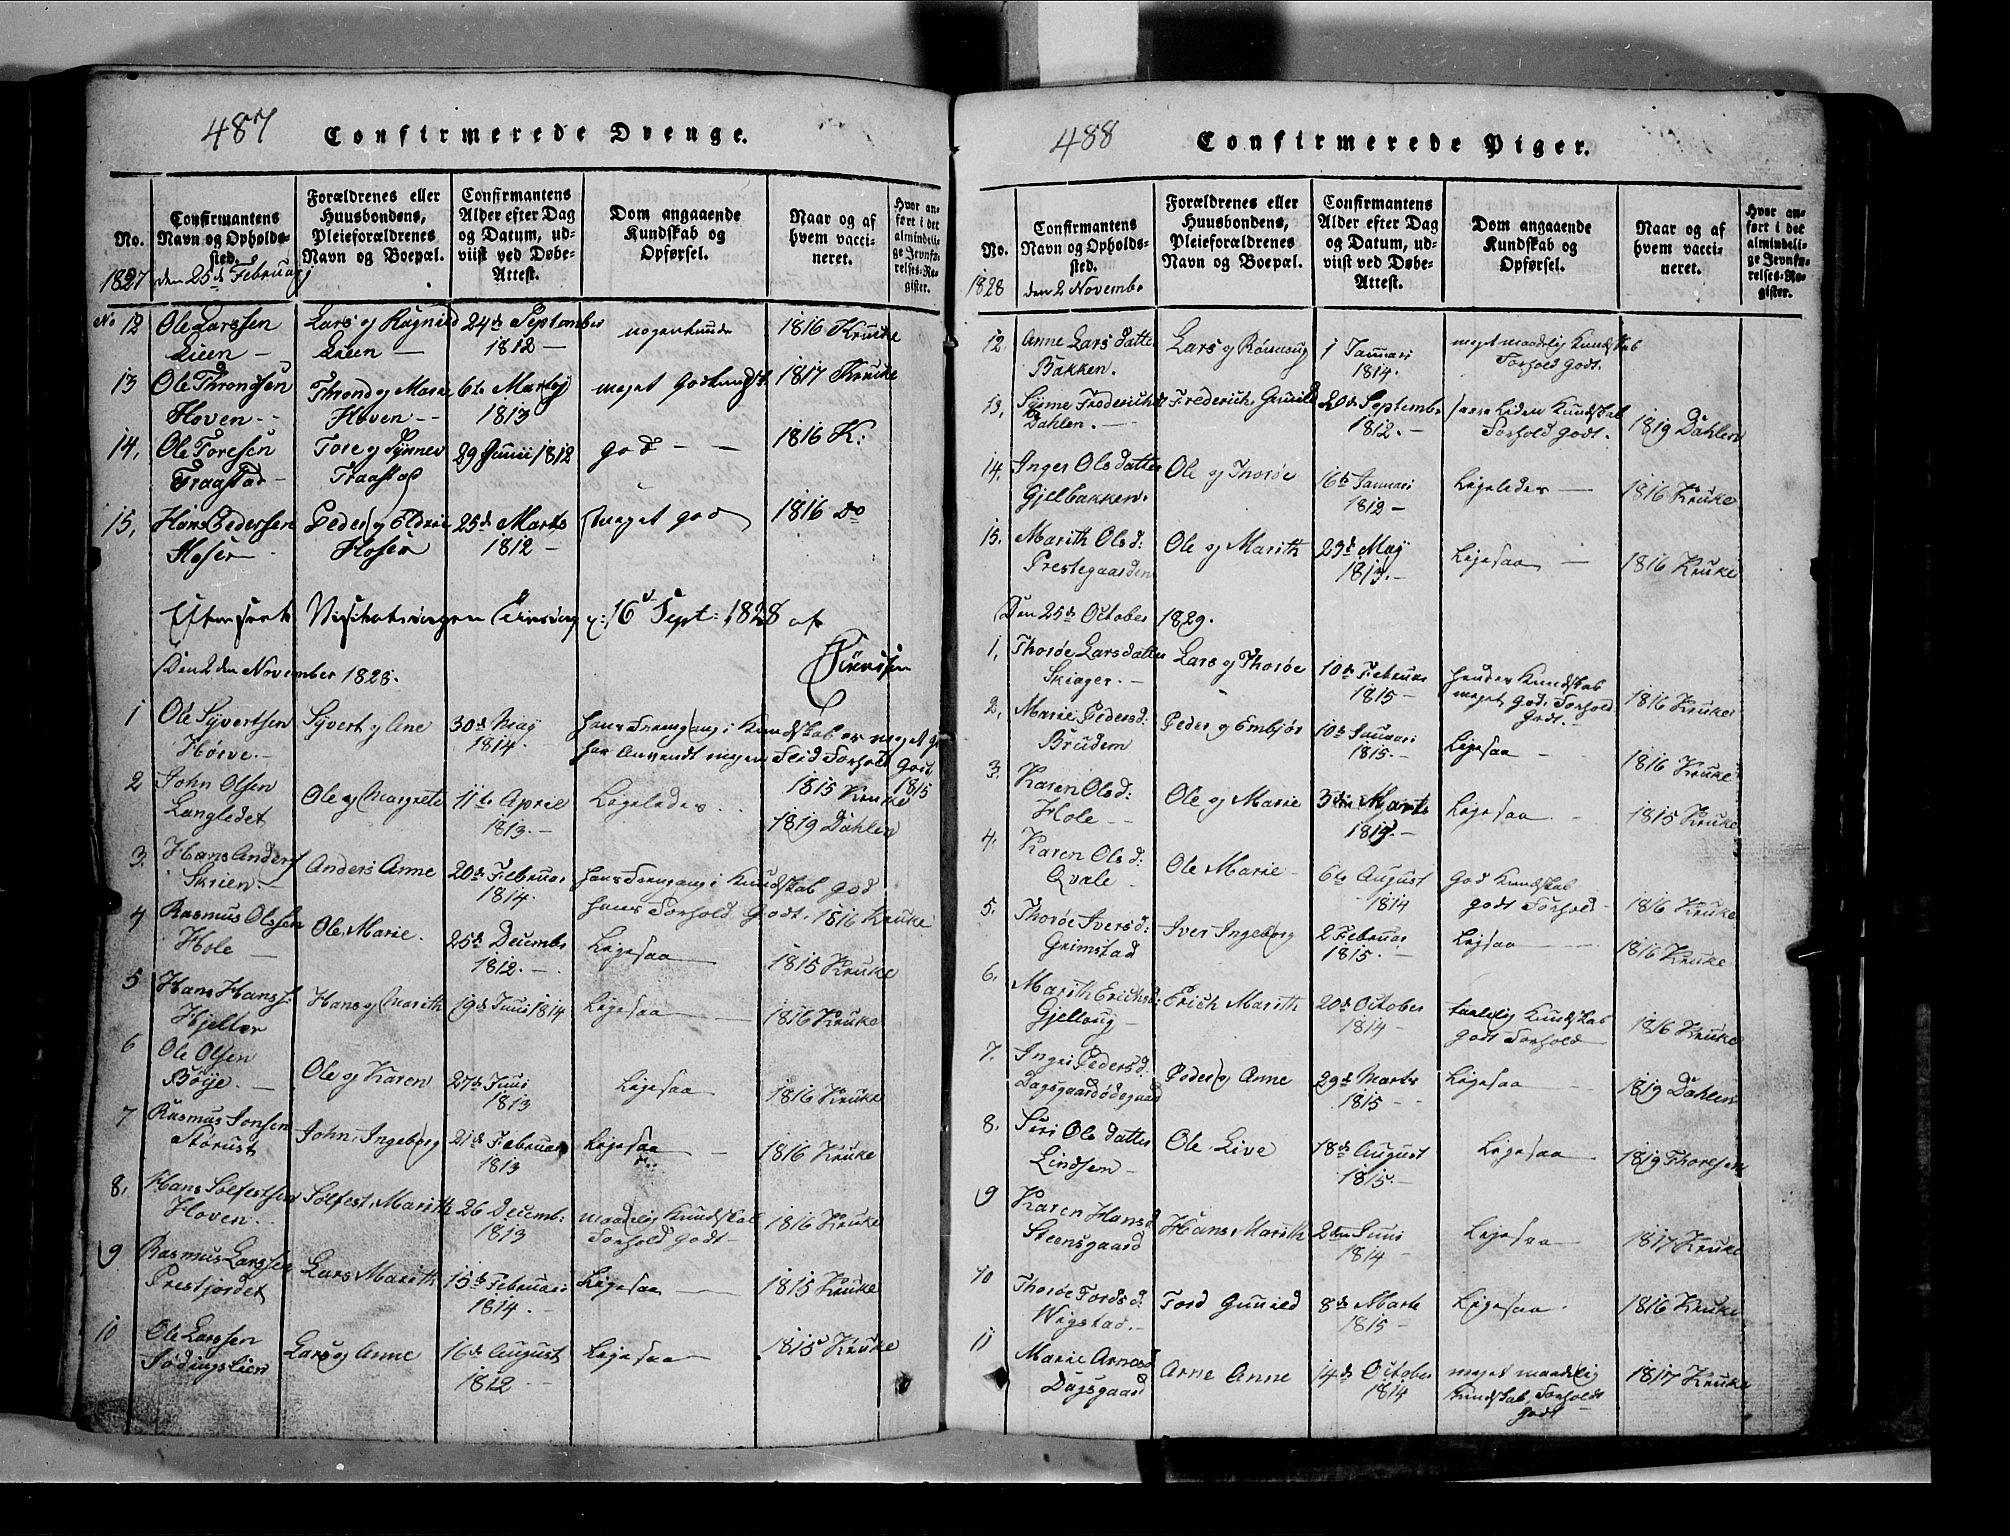 SAH, Lom prestekontor, L/L0003: Klokkerbok nr. 3, 1815-1844, s. 487-488